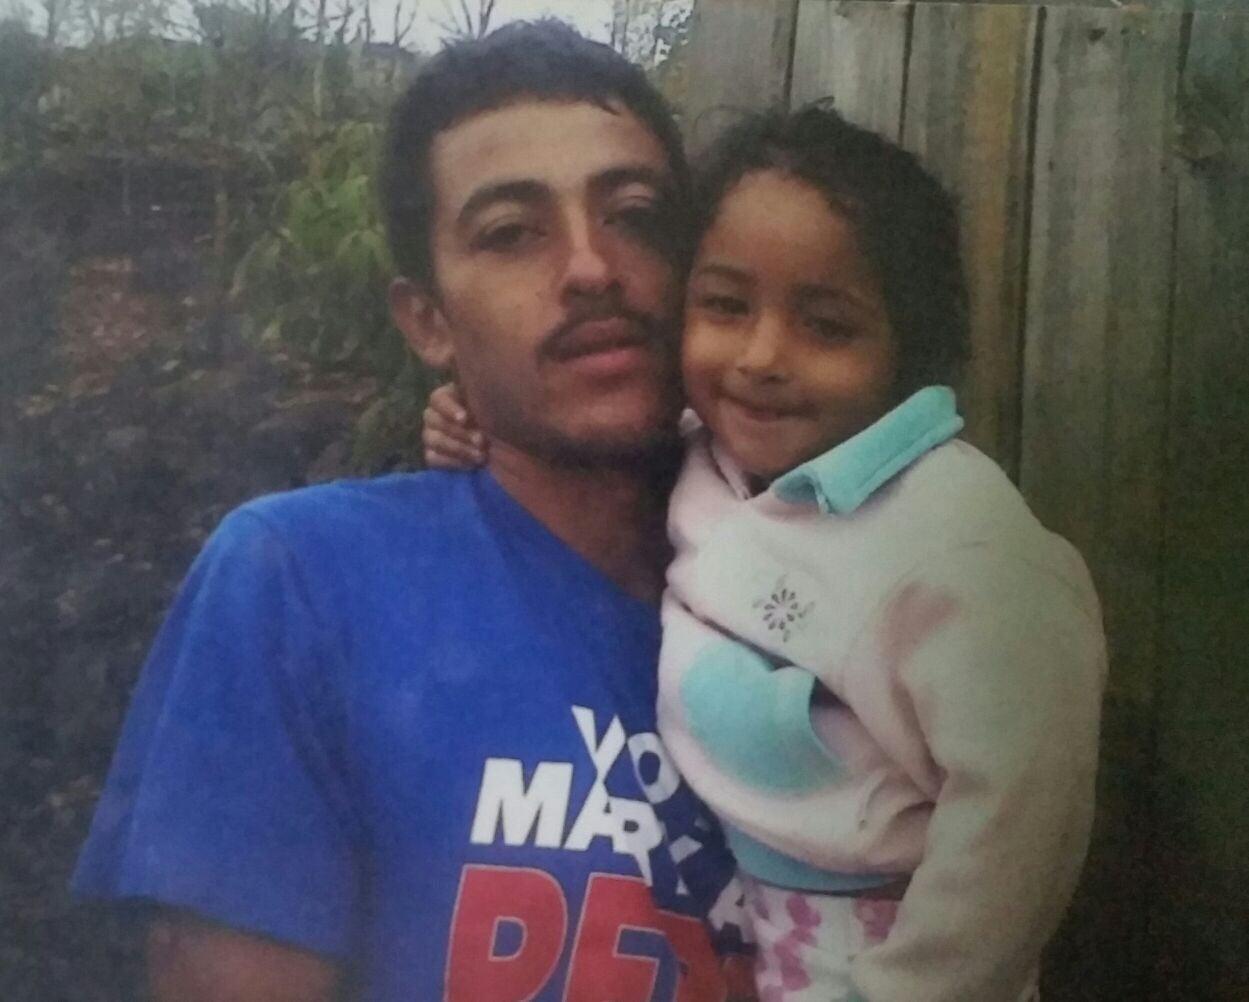 El fallecido fue identificado como Johnny Javier Avila Palma, de 25 años de edad.